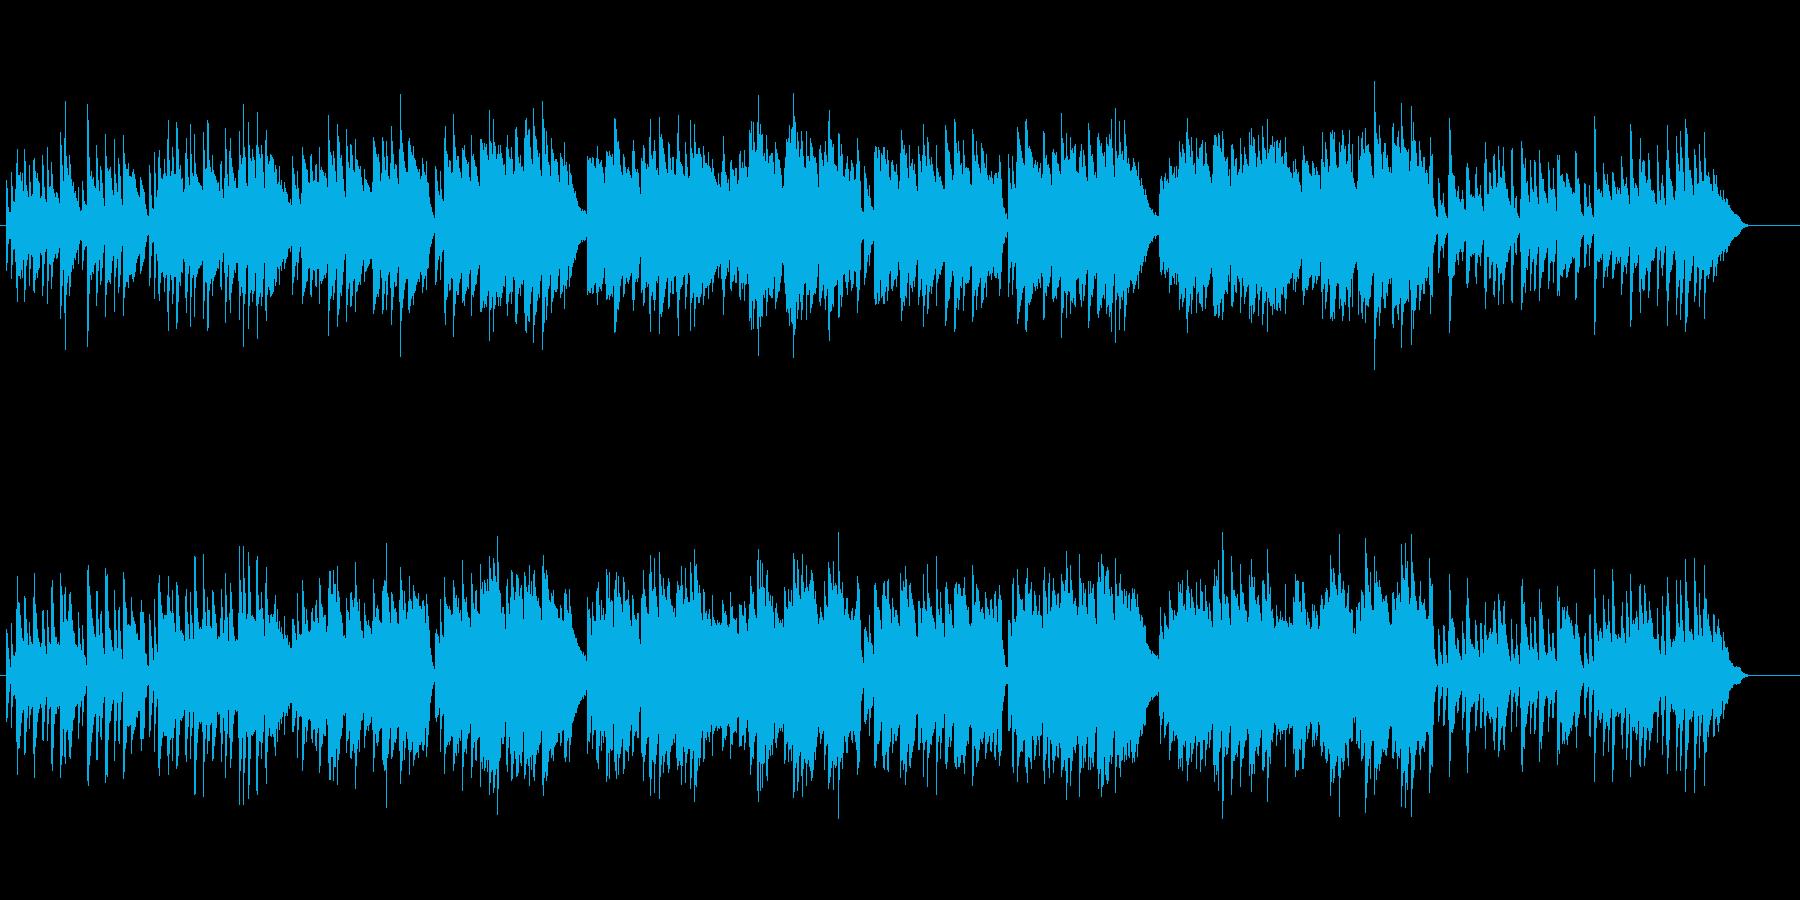 耳馴染みの良い和なピアノ曲の再生済みの波形